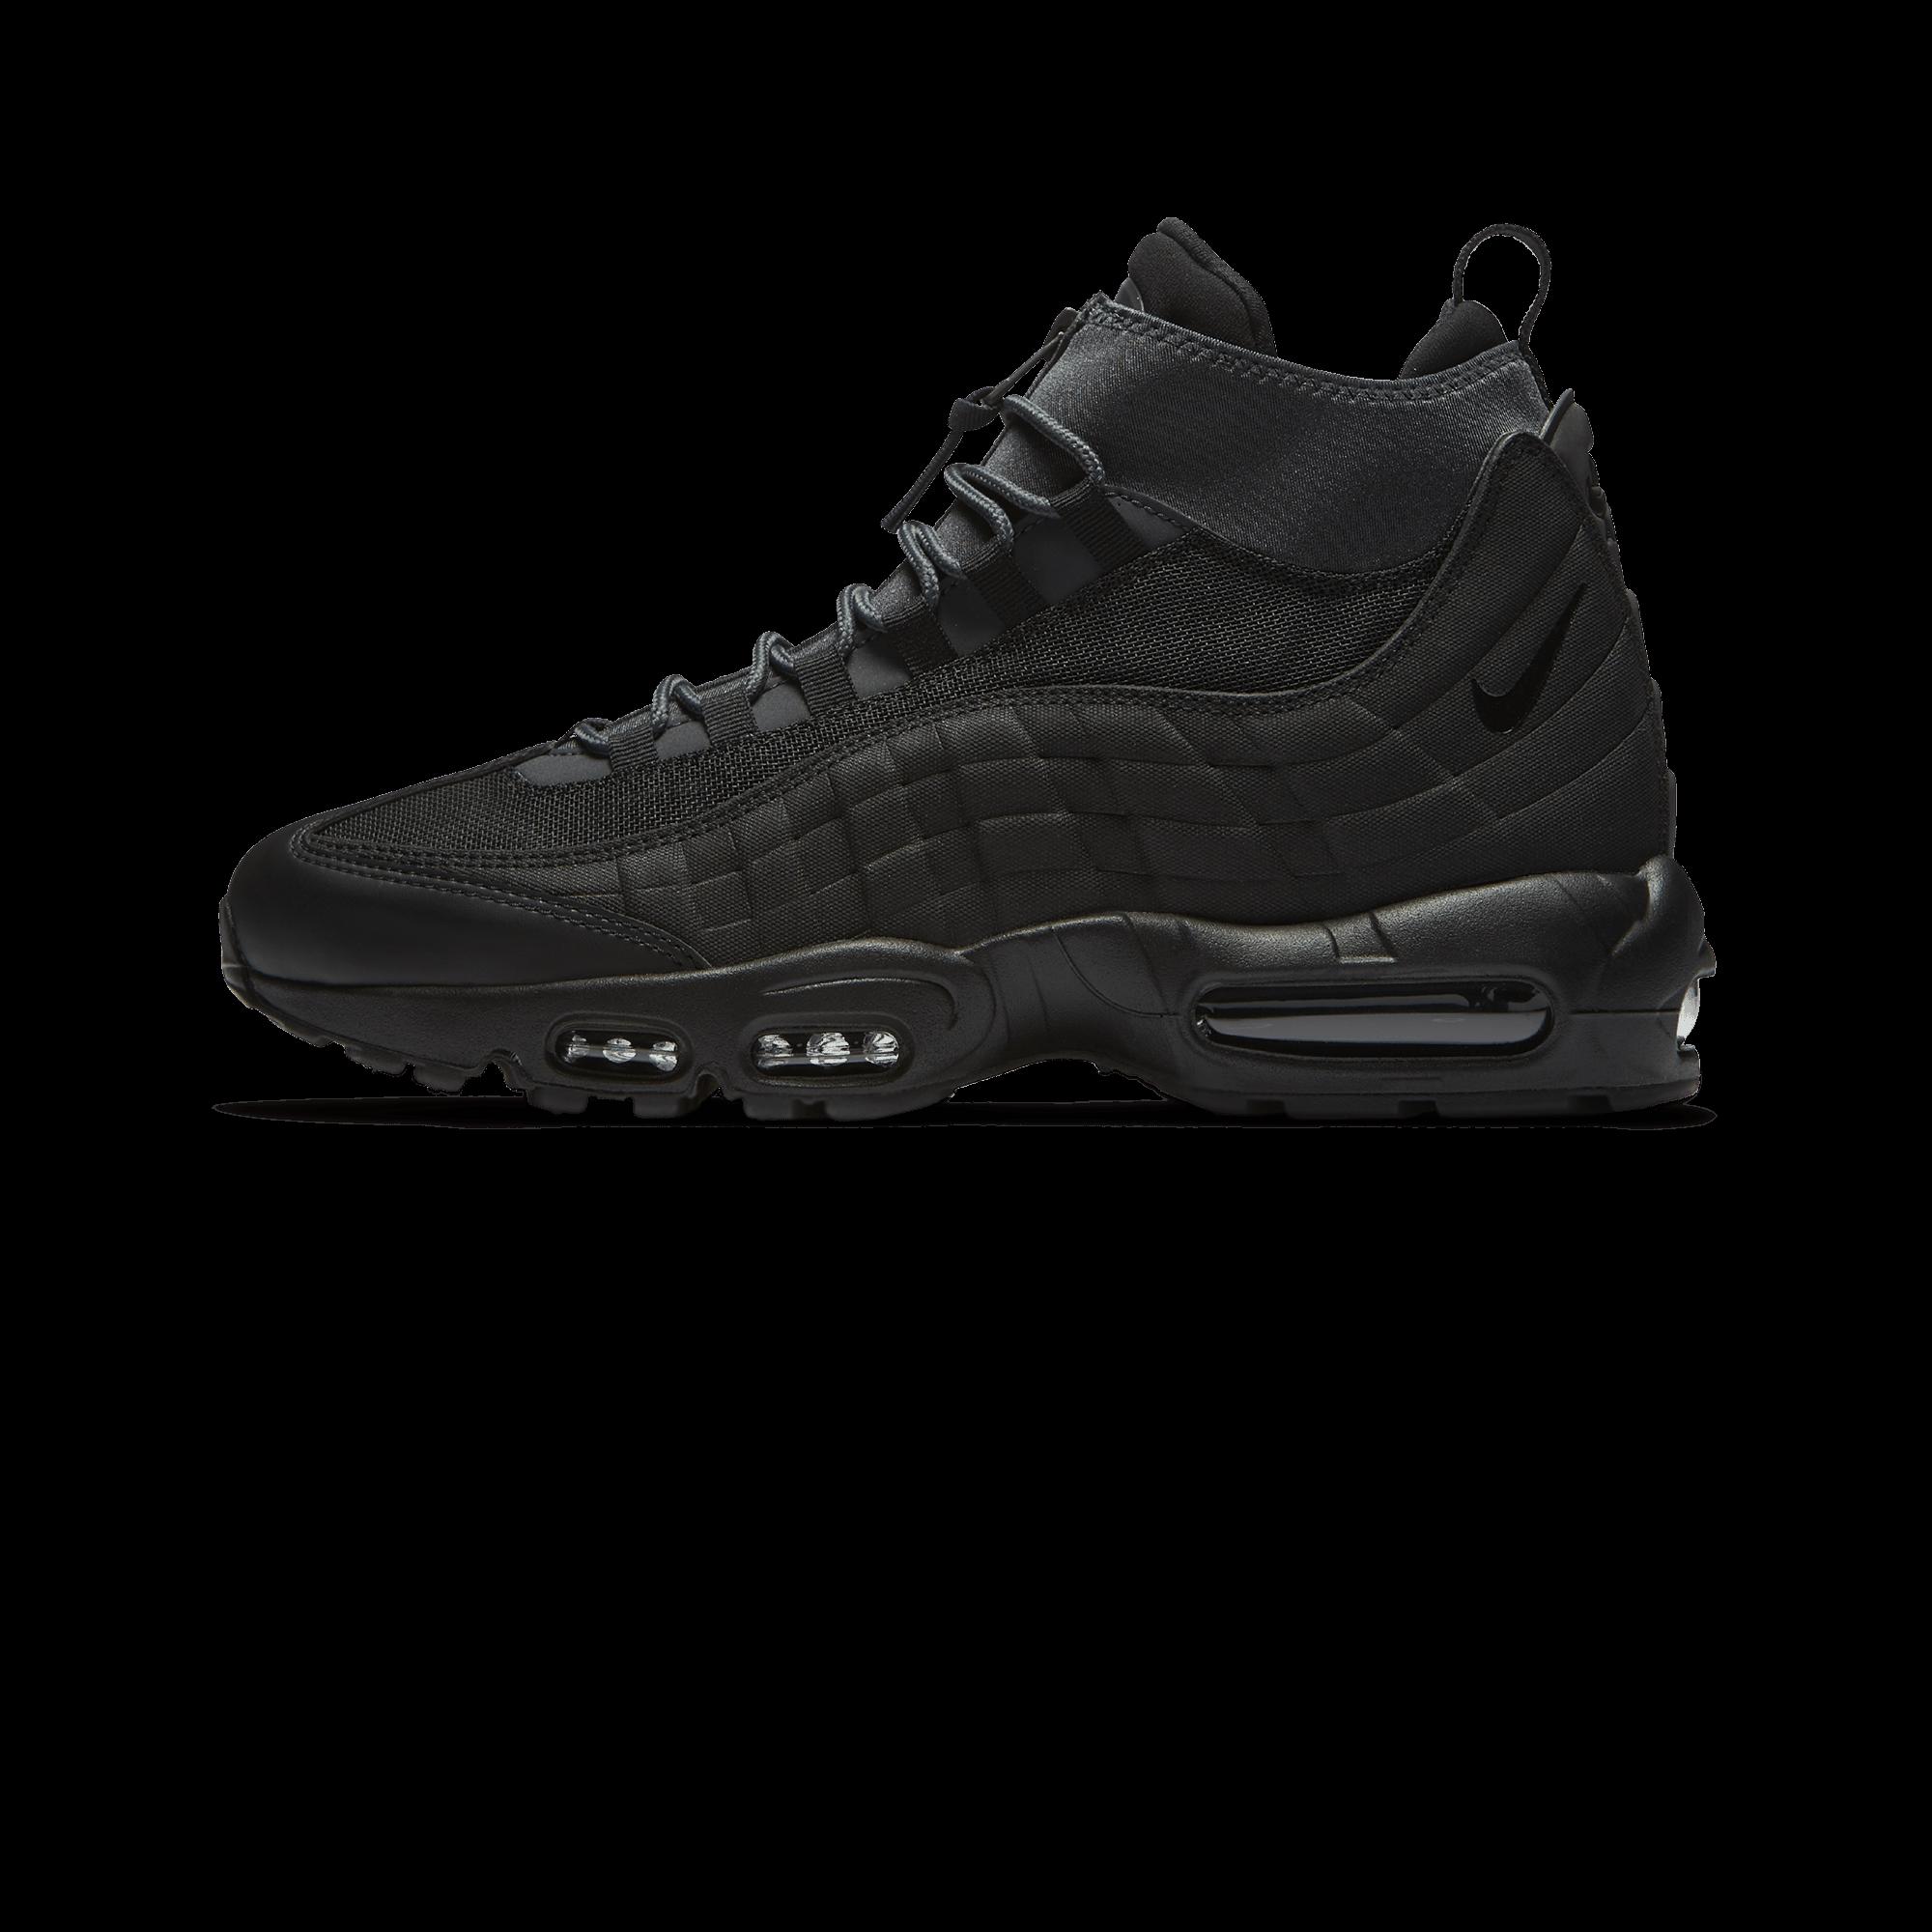 promo code e66e6 3ebb0 Nike Air Max 95 Sneakerboot black - Men | Holypopstore.com